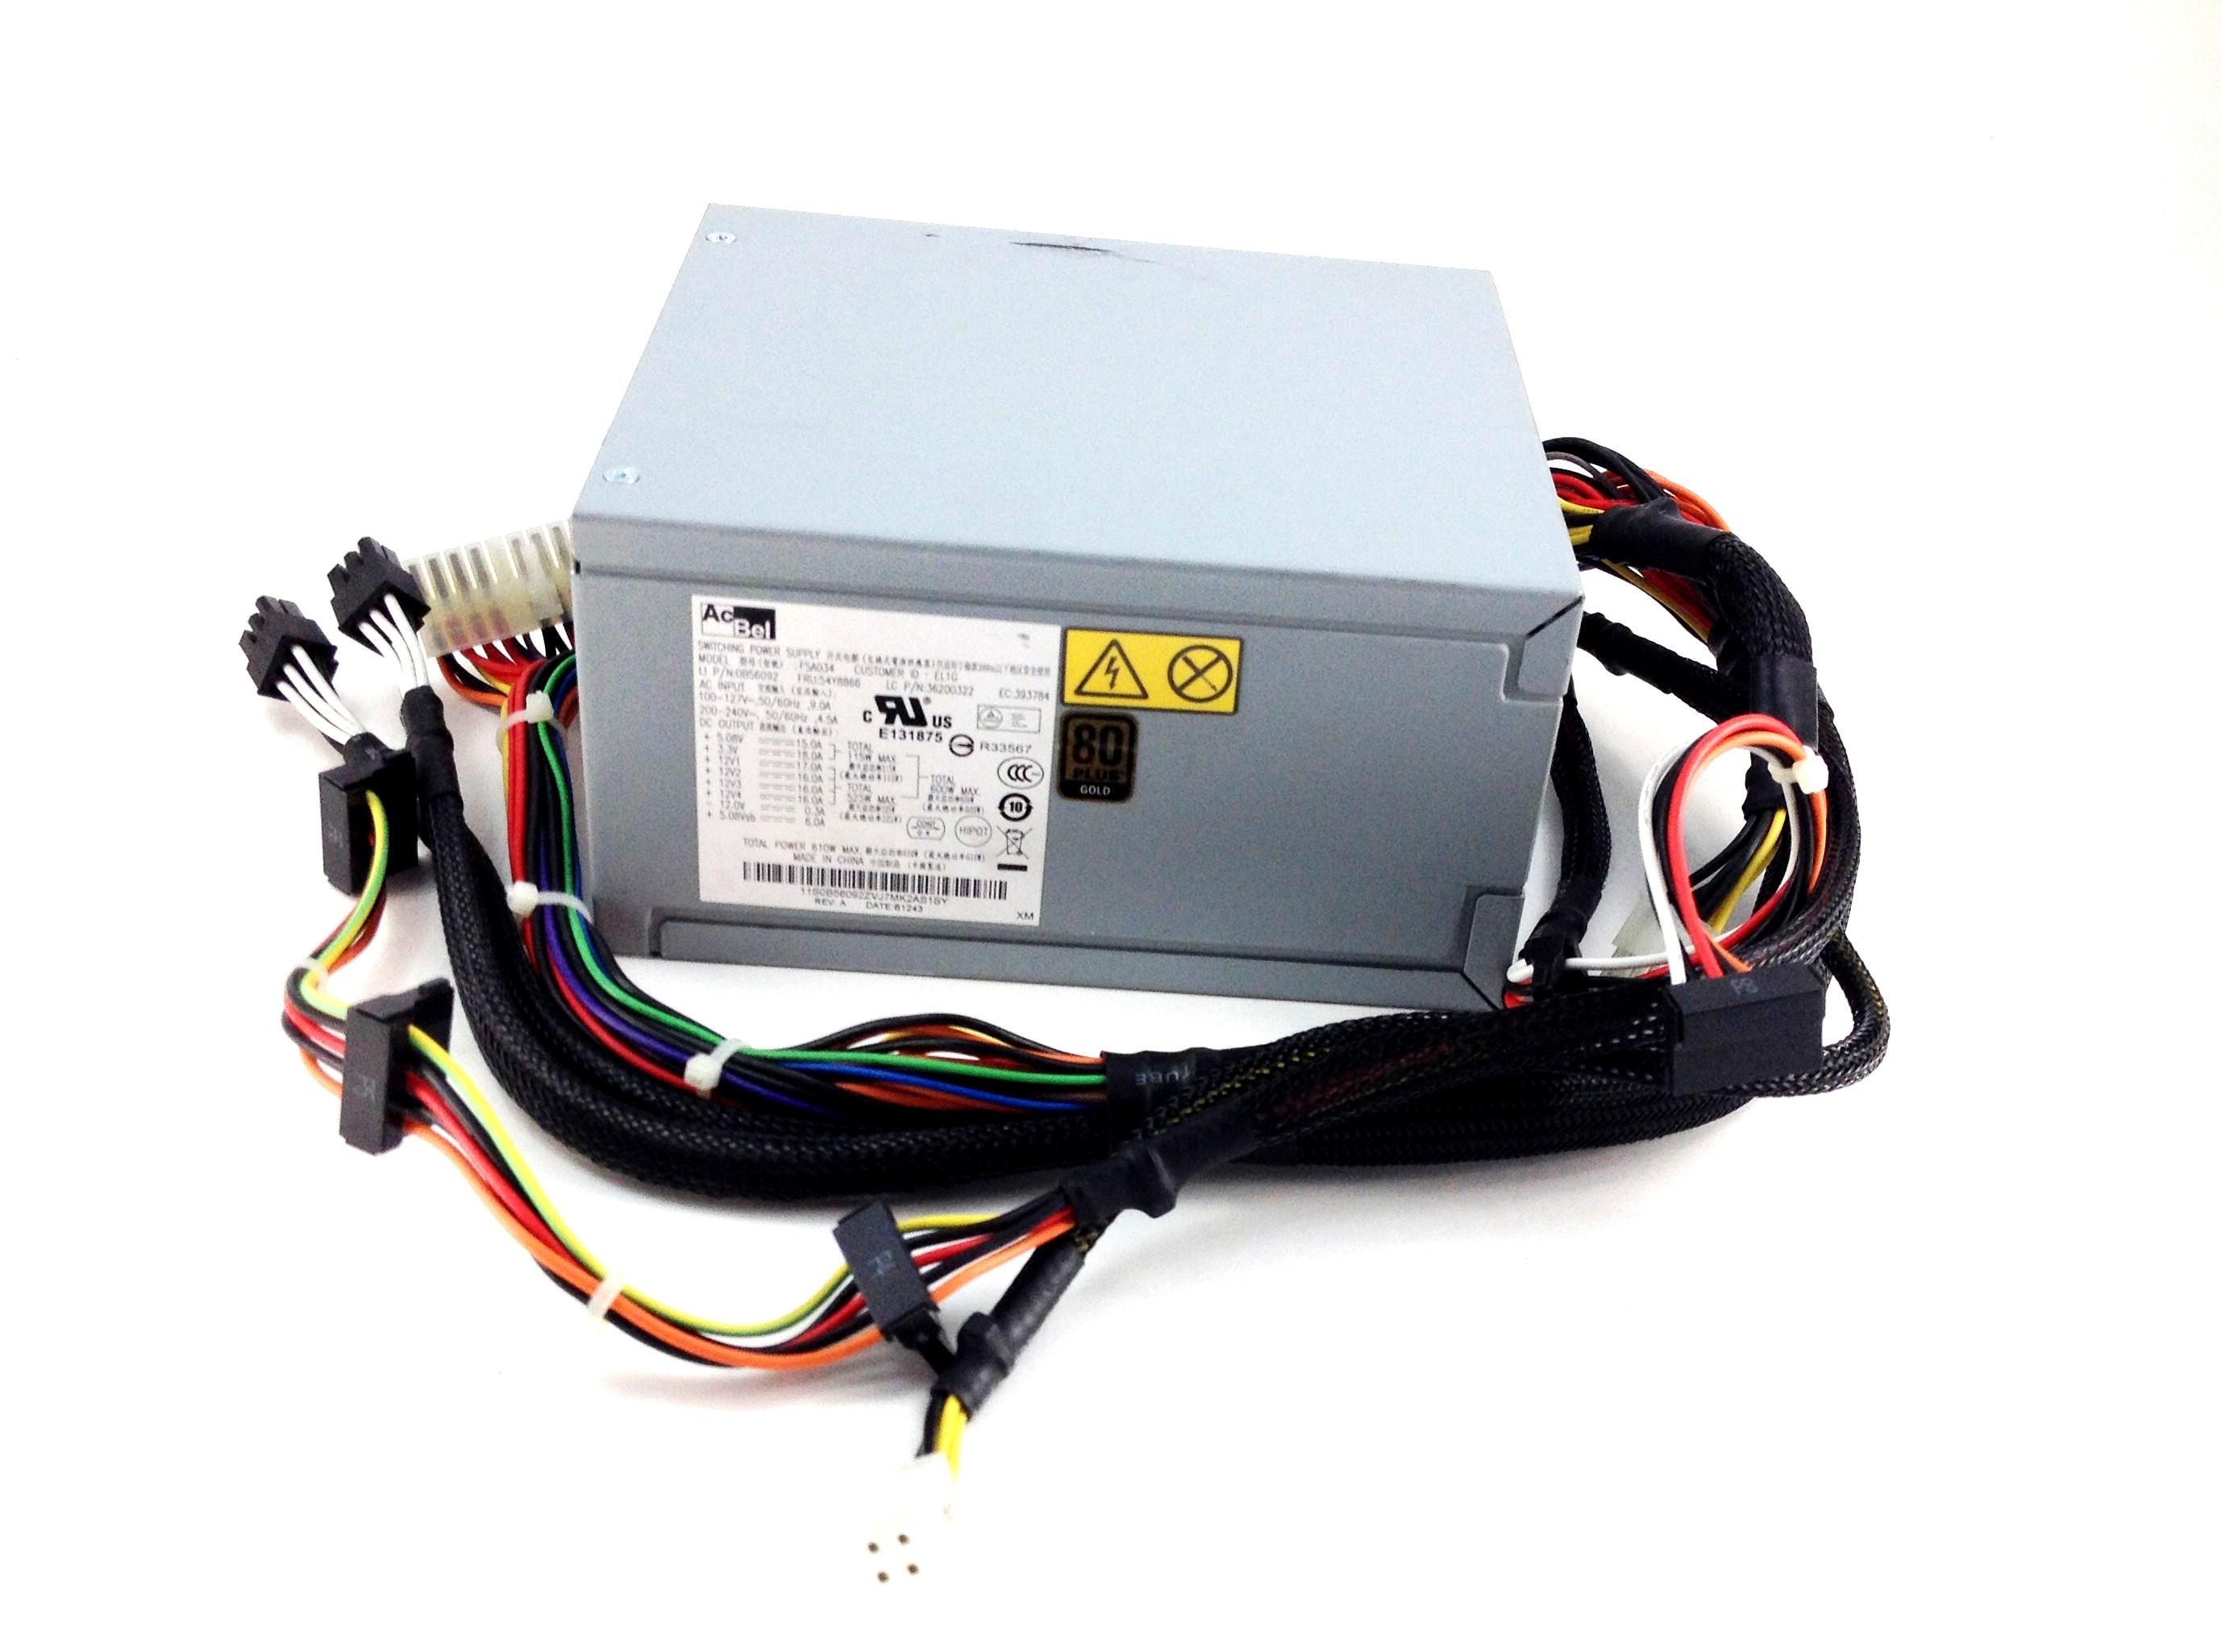 IBM Lenovo Thinkstation S30 610-Watts Power Supply (54Y8866)